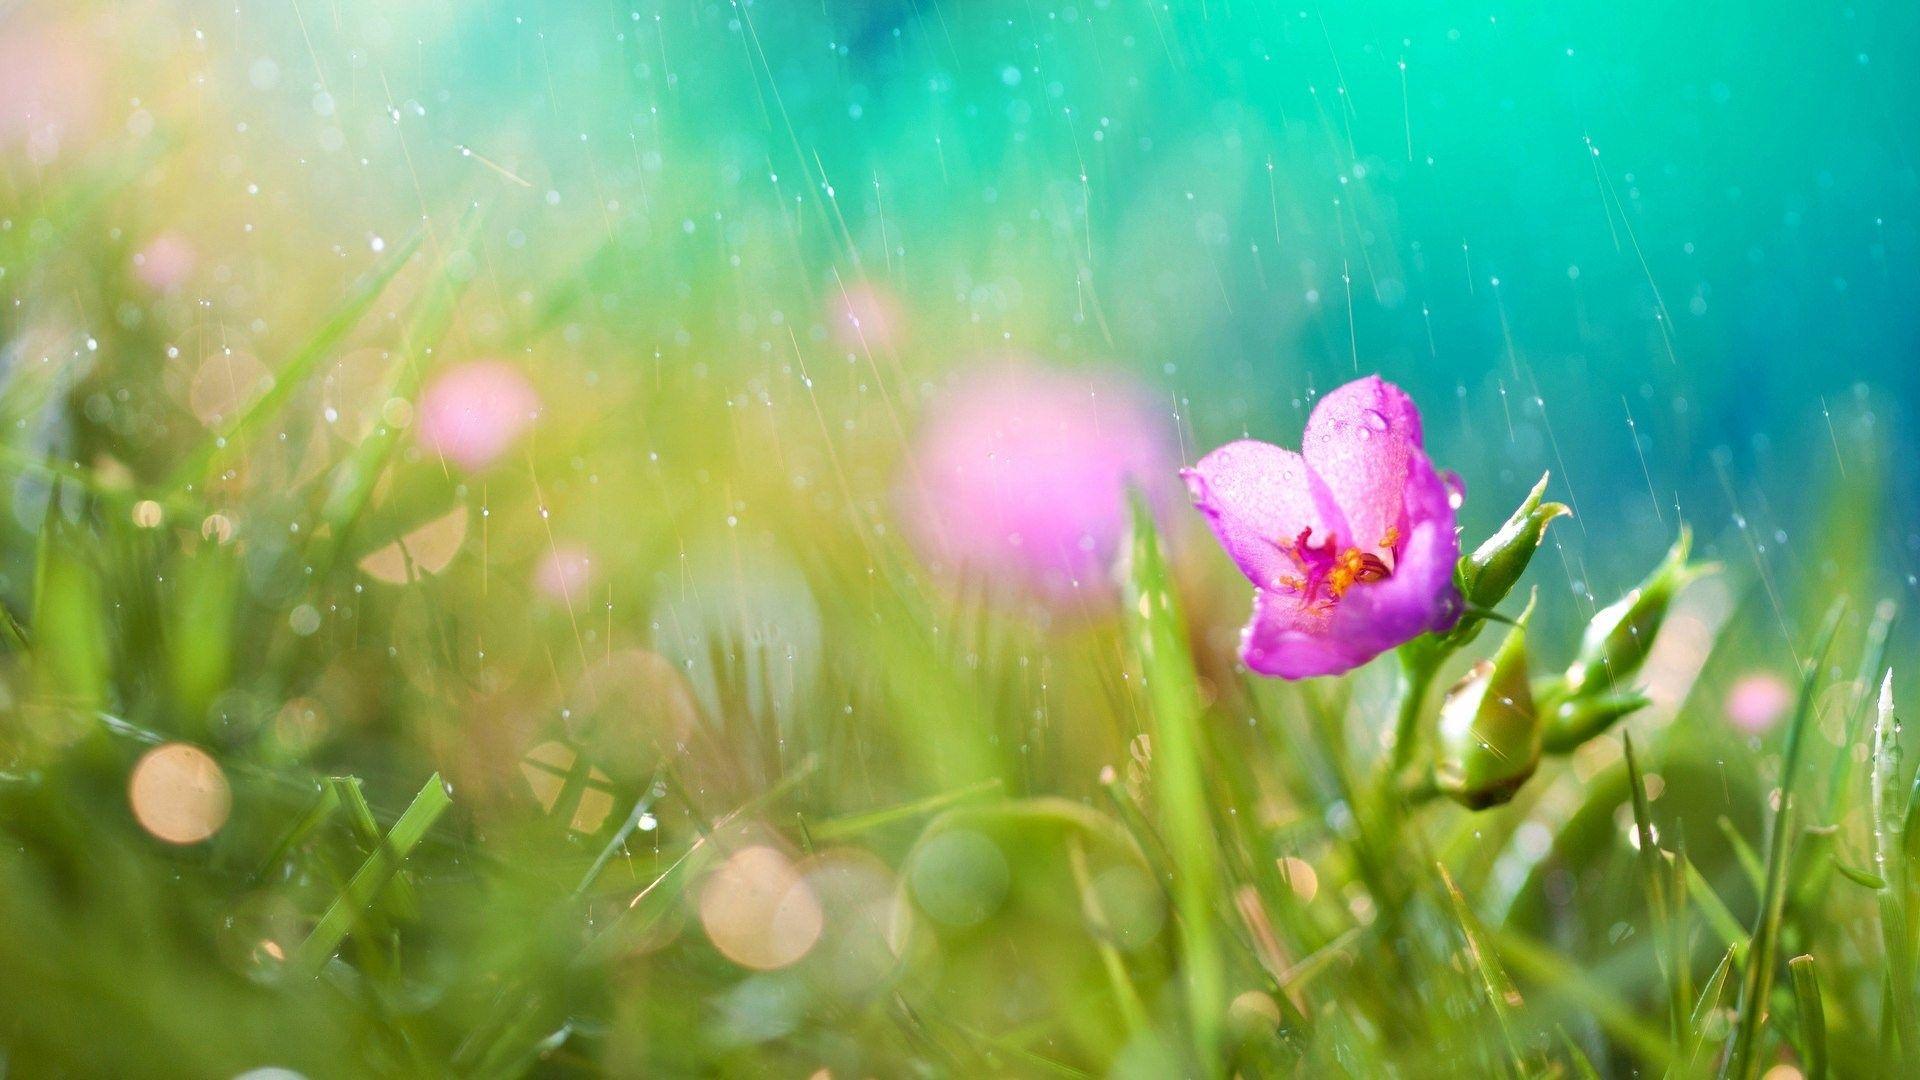 X theme background image - Braylen Butler Rain Theme Background Images 1920 X 1080 Px